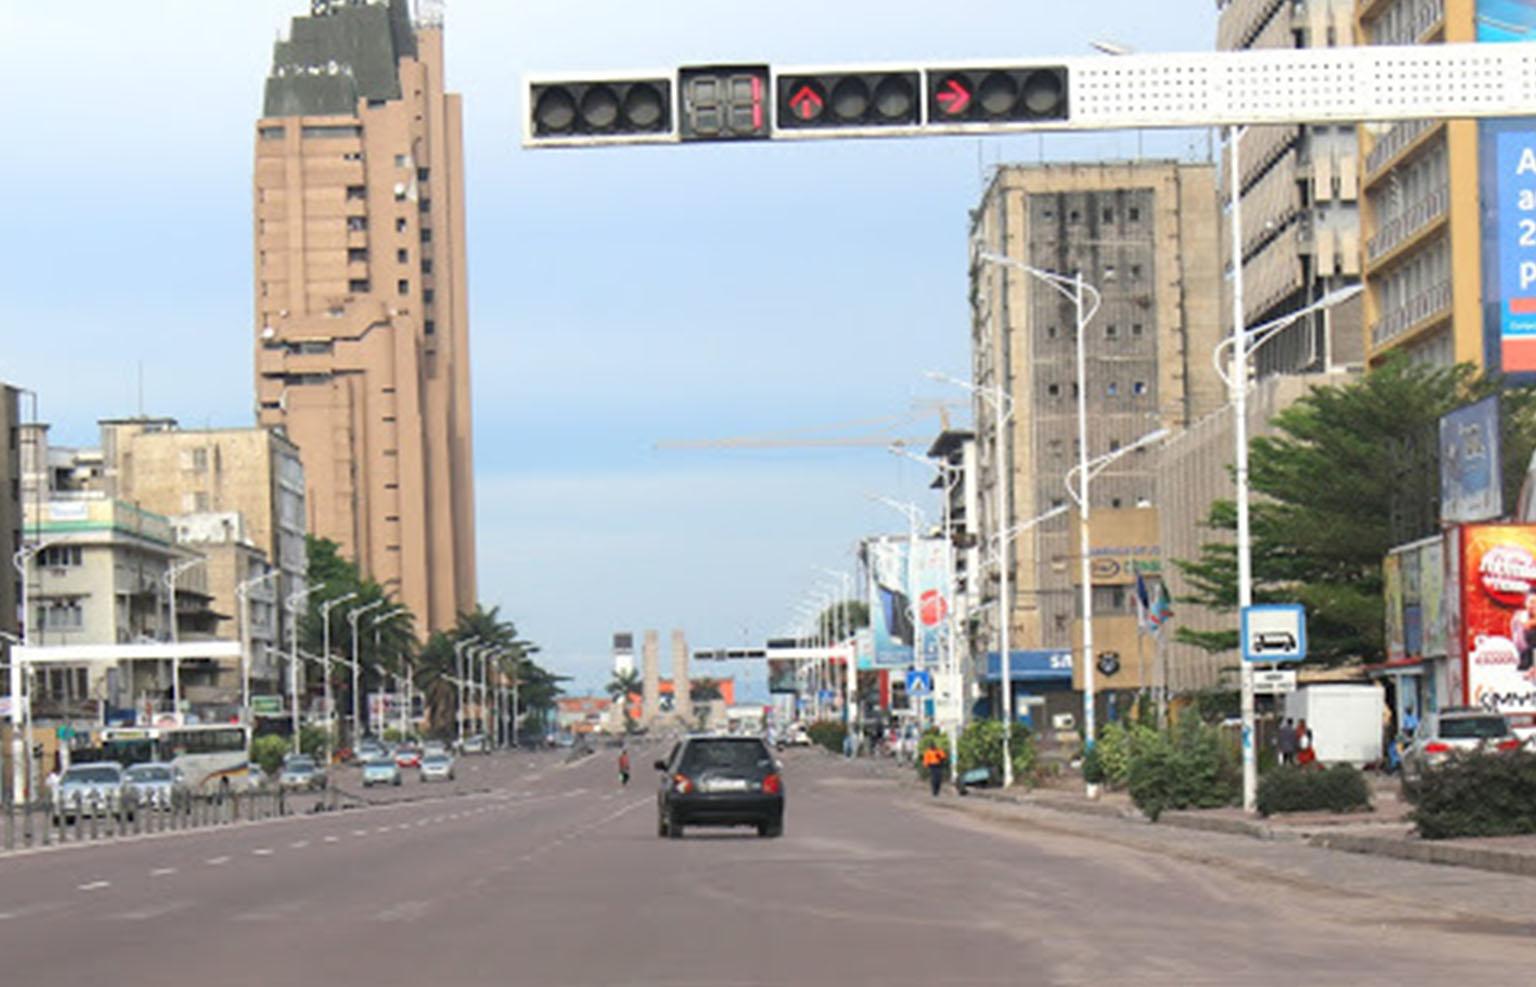 Gombe, le centre des affaires de Kinshasa, reprend les activités commerciales après près de 3 mois de confinement